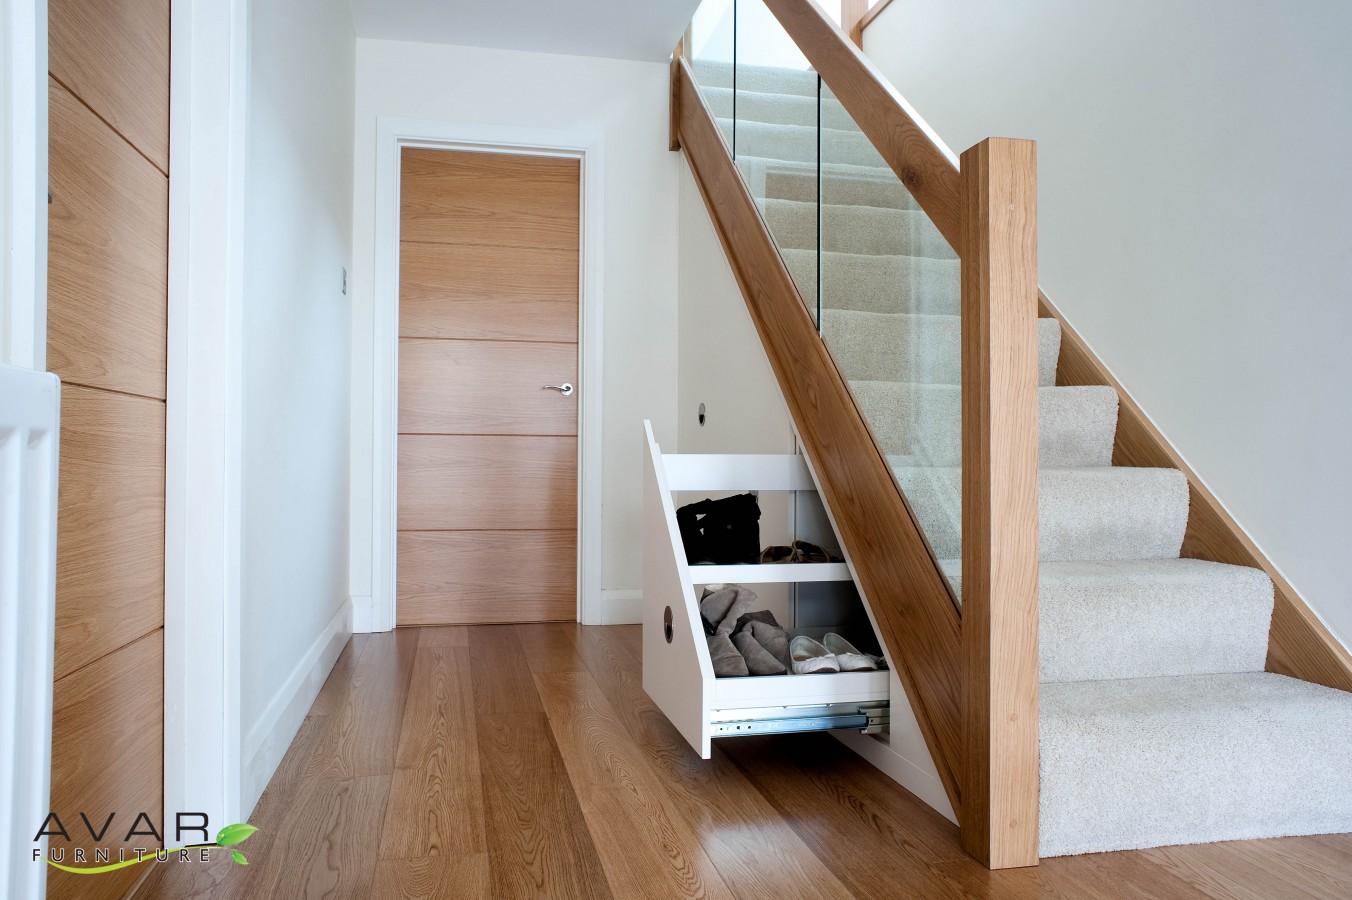 ƸӜƷ Under Stairs Storage Ideas Gallery 24 North London